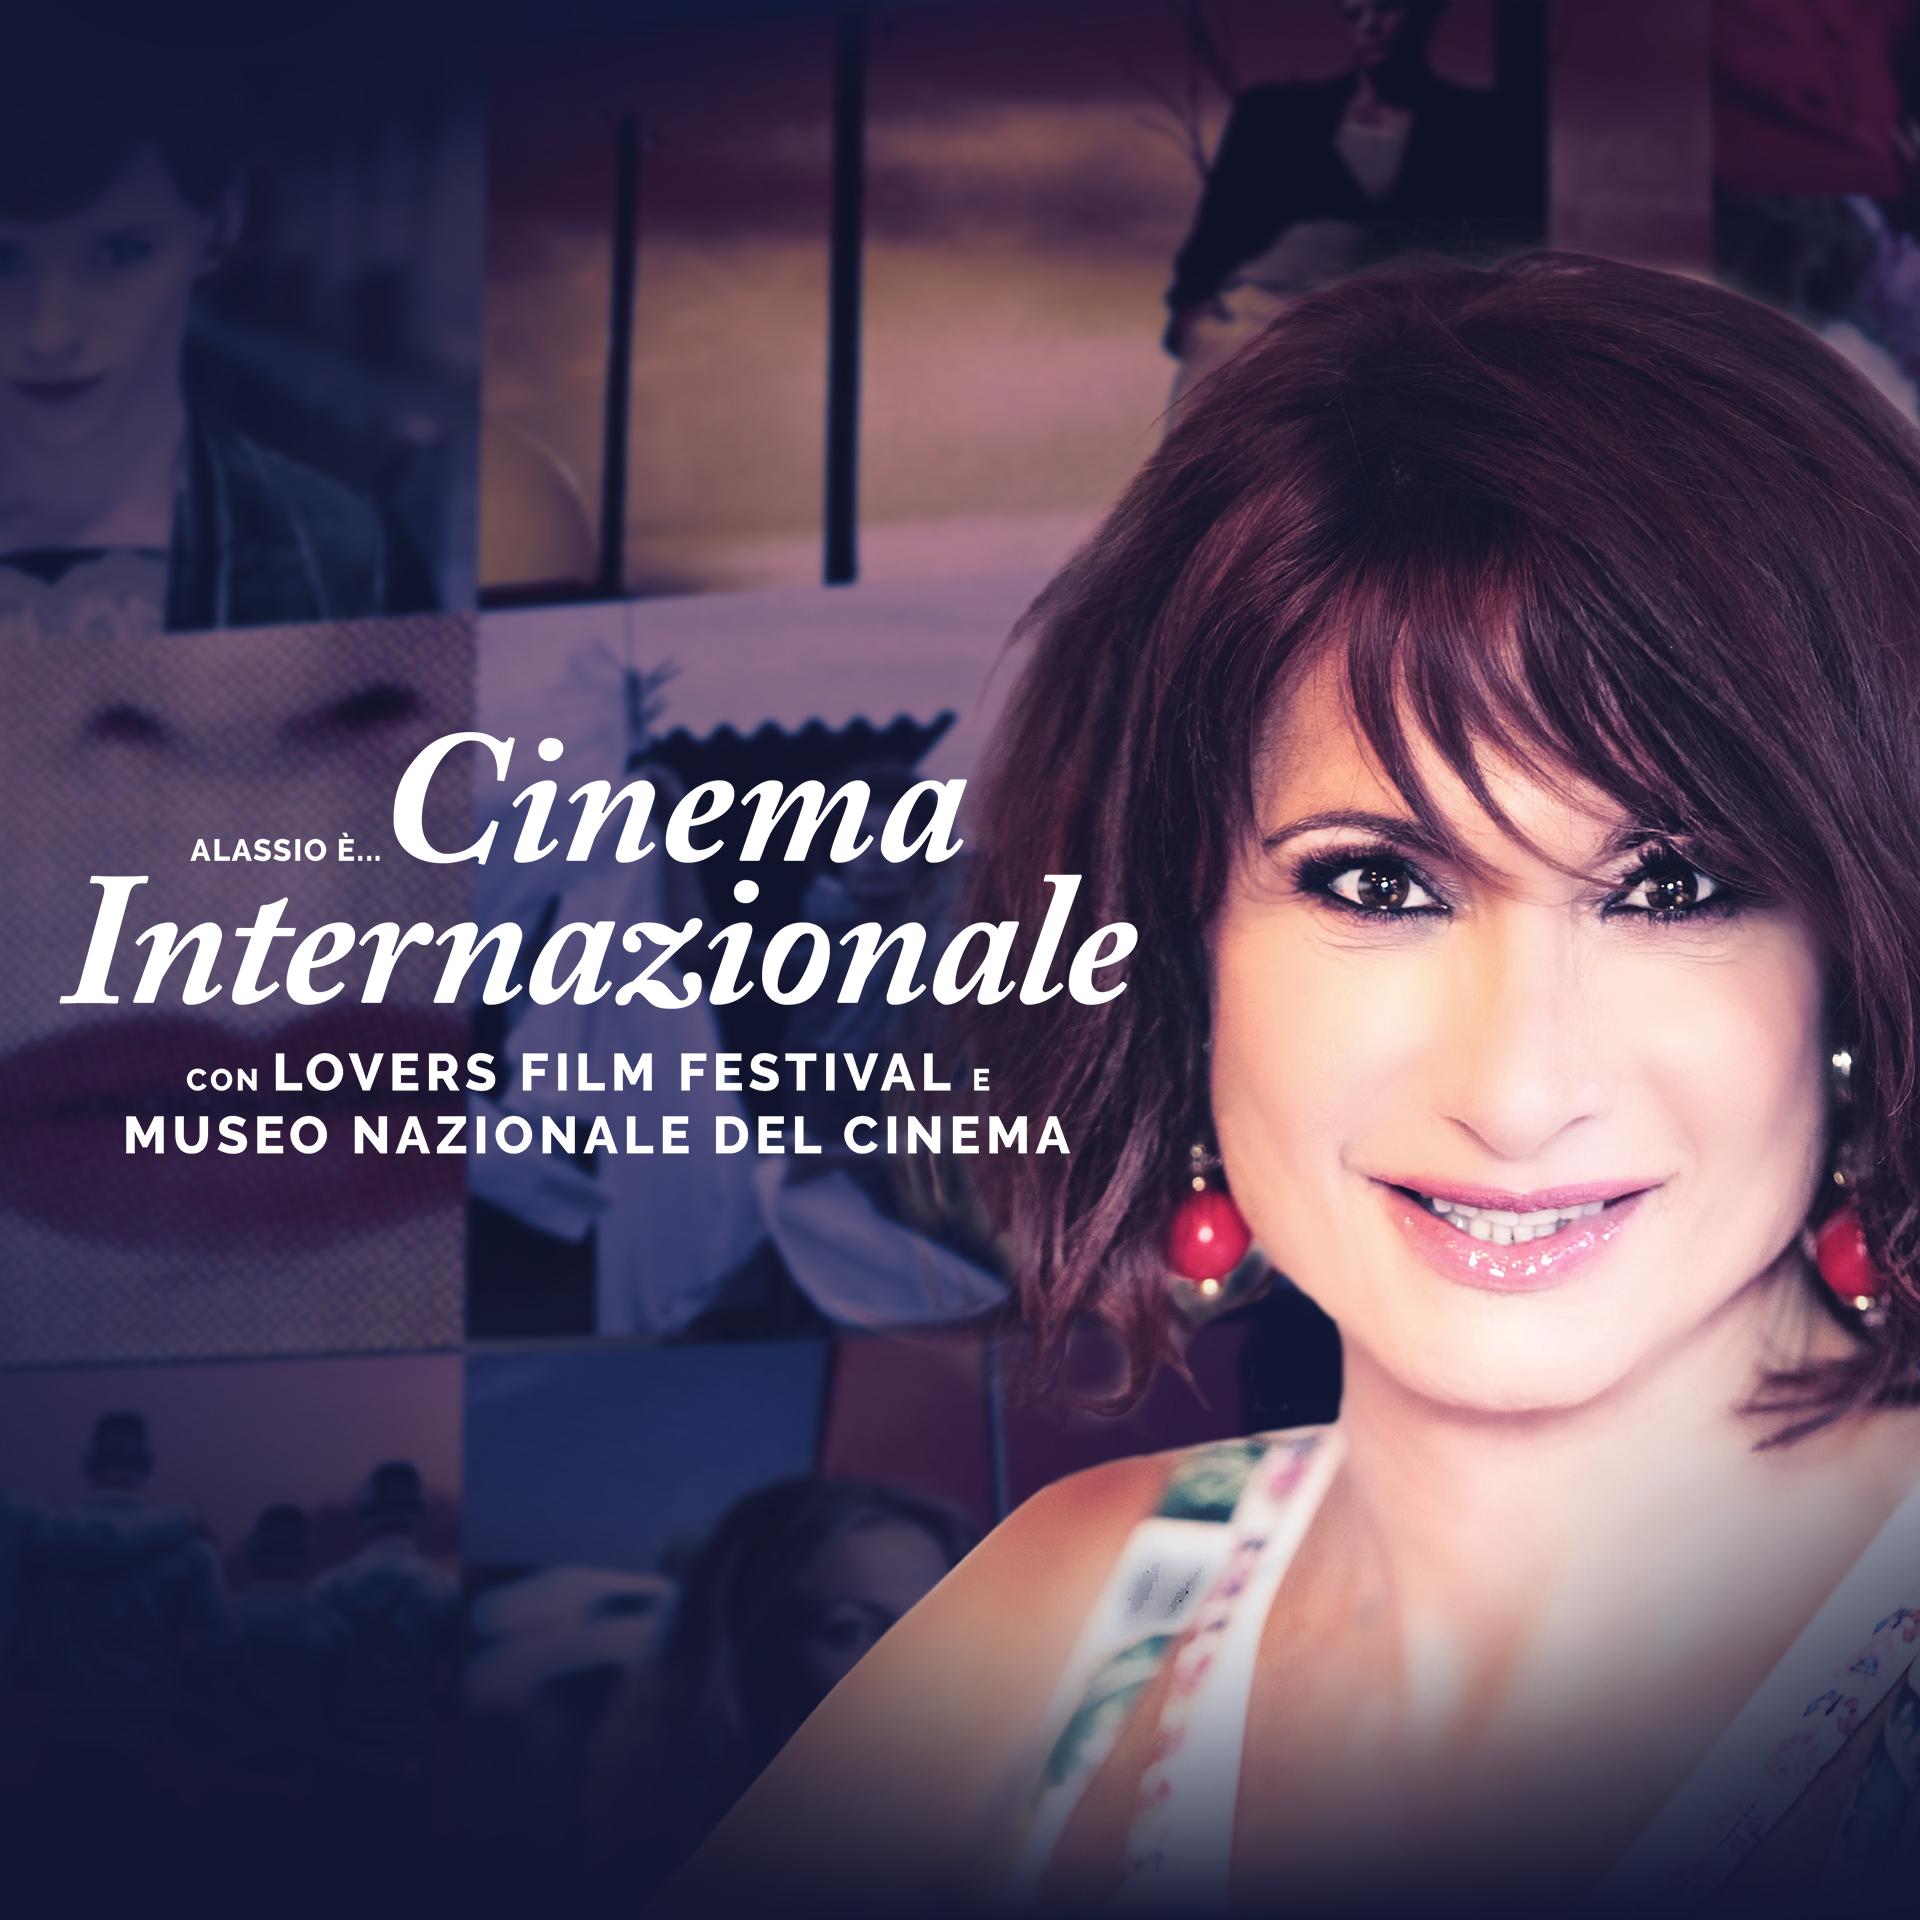 Lovers Film Festival-MNC, il cinema inclusivo europeo a cura di Vladimir Luxuria